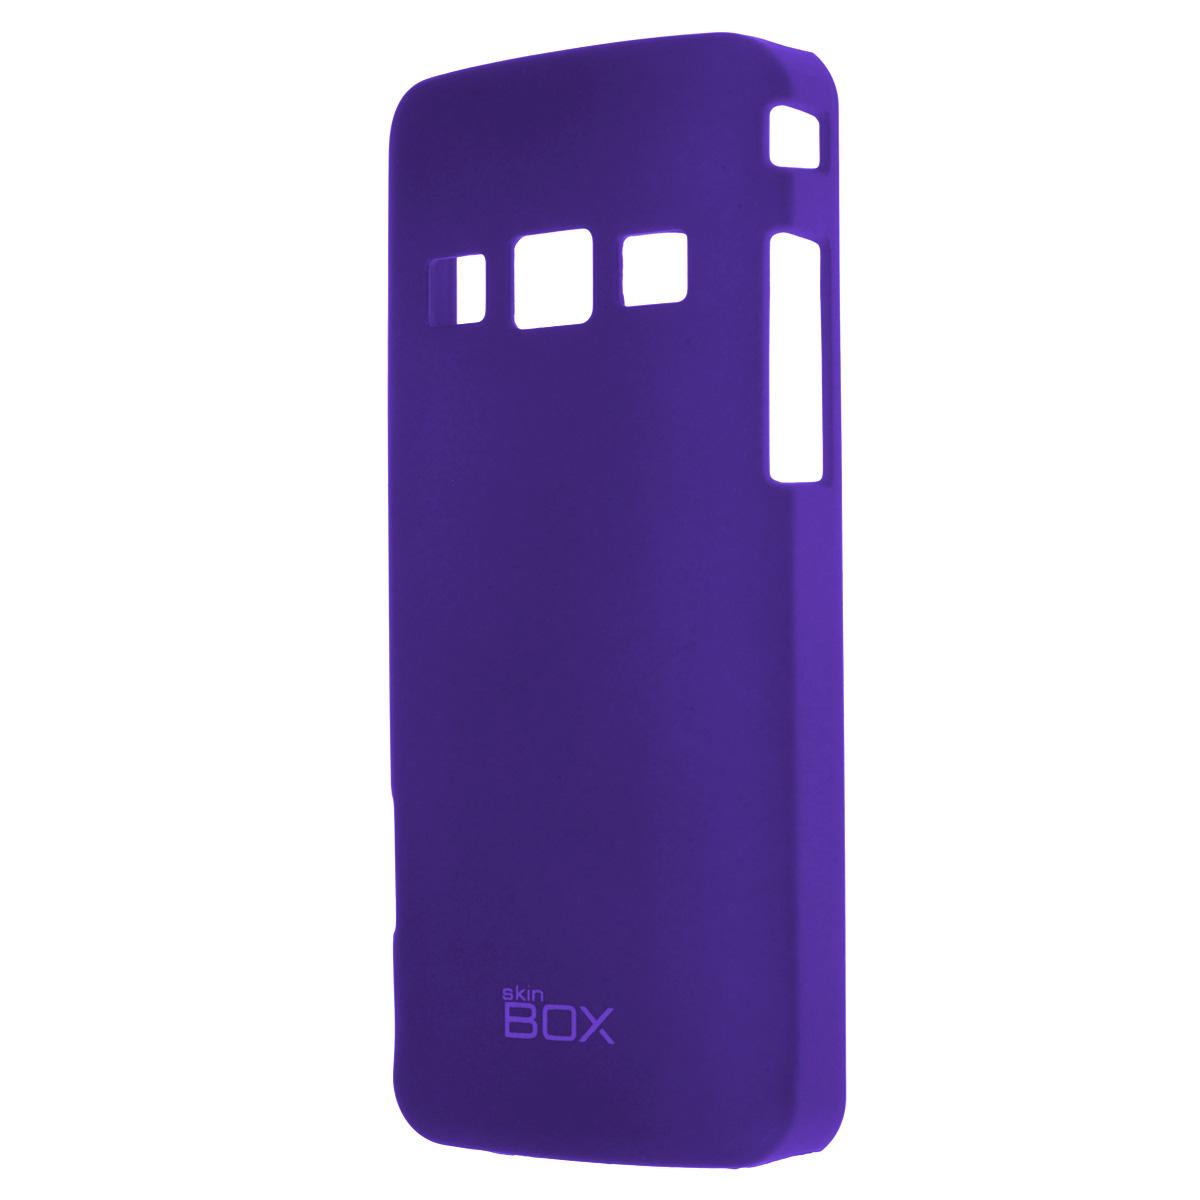 Skinbox Shield 4People чехол для Samsung S5610/5611, BlueT-S-SS5610-002Накладка Skinbox Shield 4People для Samsung S5610/5611- отличный аксессуар для защиты корпуса вашего смартфона от внешних повреждений, сохраняющий размеры устройства и обеспечивающий удобство работы с ним. Устойчивый к истиранию пластик надежно амортизирует мелкие механические воздействия и предотвращает появление царапин или потертостей на корпусе вашего гаджета. В комплект также входит защитная пленка для экрана смартфона.